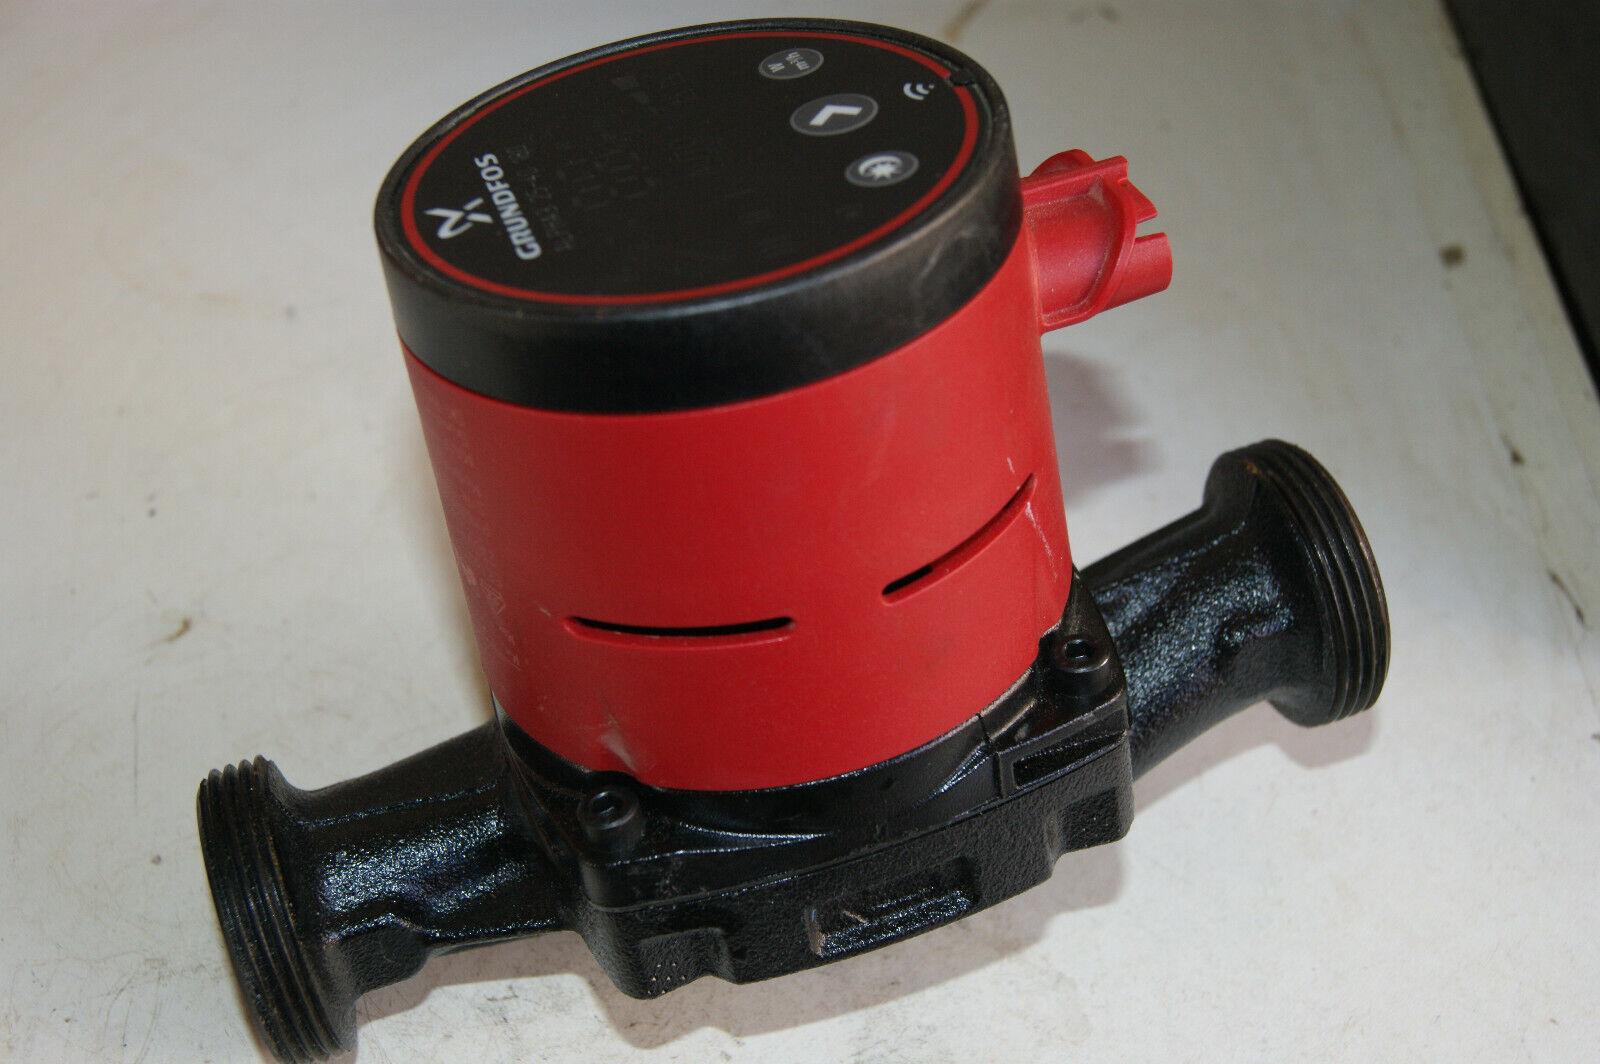 Pompe de chaudiere circulateur Grundfos Alpha 3 25-50 180 electronique (22)